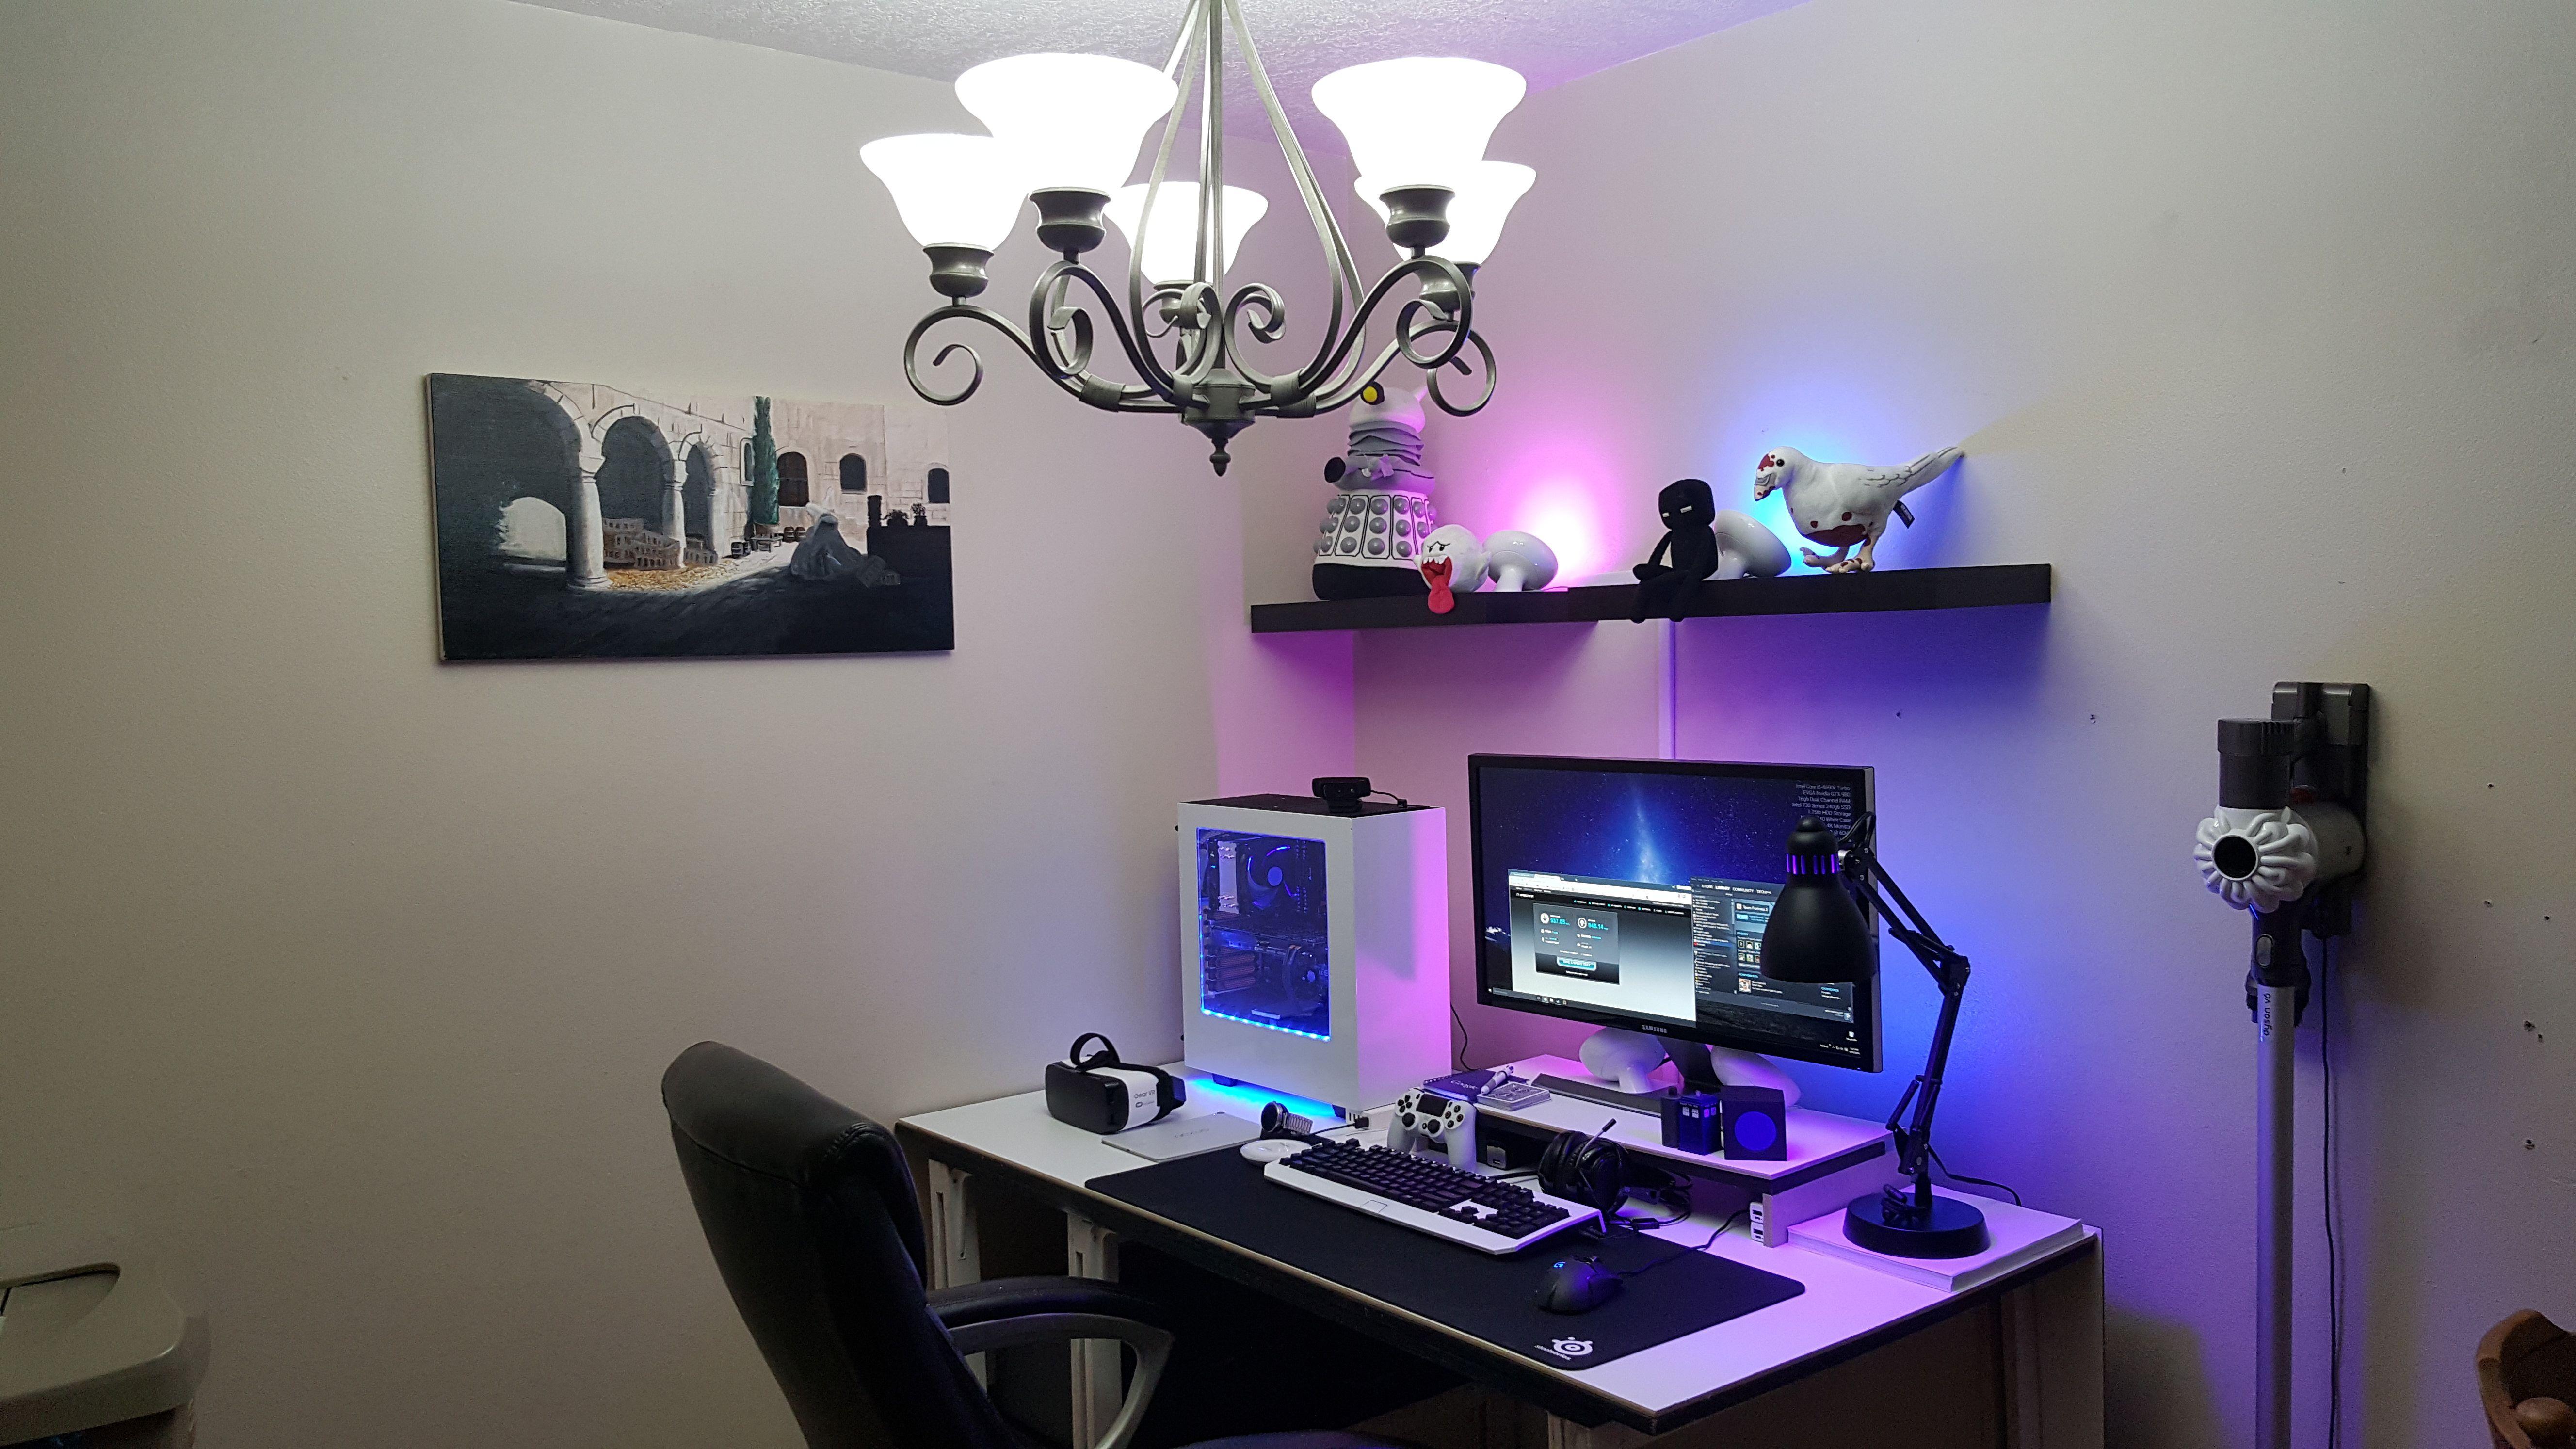 Philips Hue Lit Battlestation My Bedroom Gaming Setup Bedroom Room